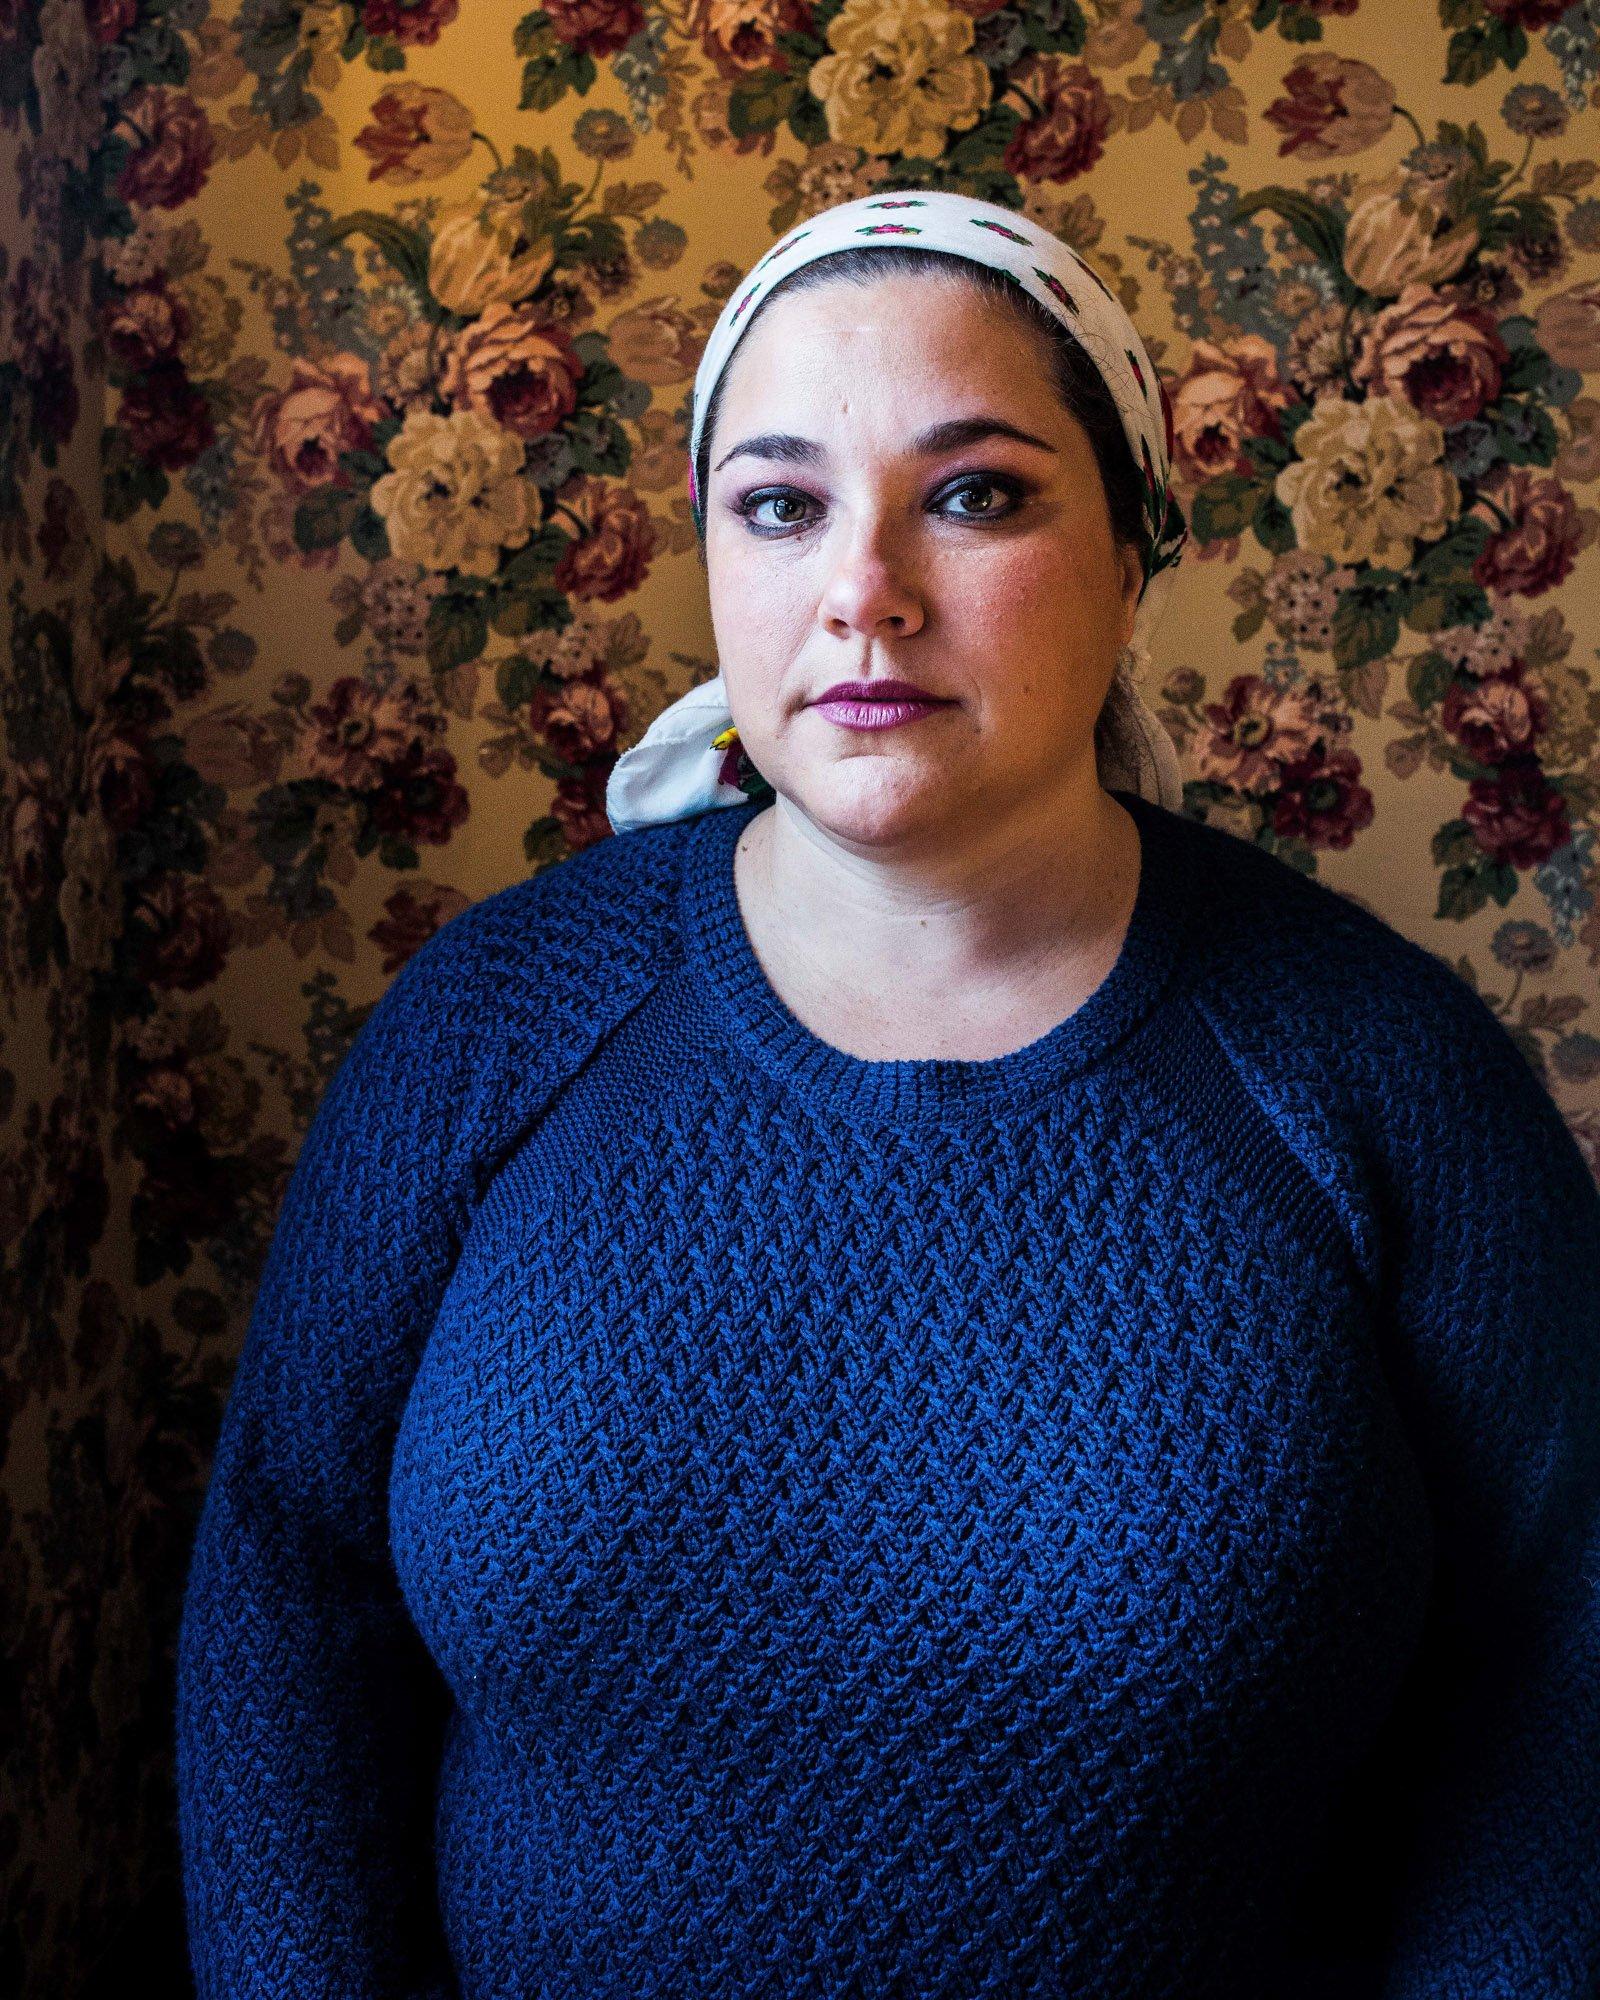 Portrait photograph of a young woman by Kovi Konowiecki